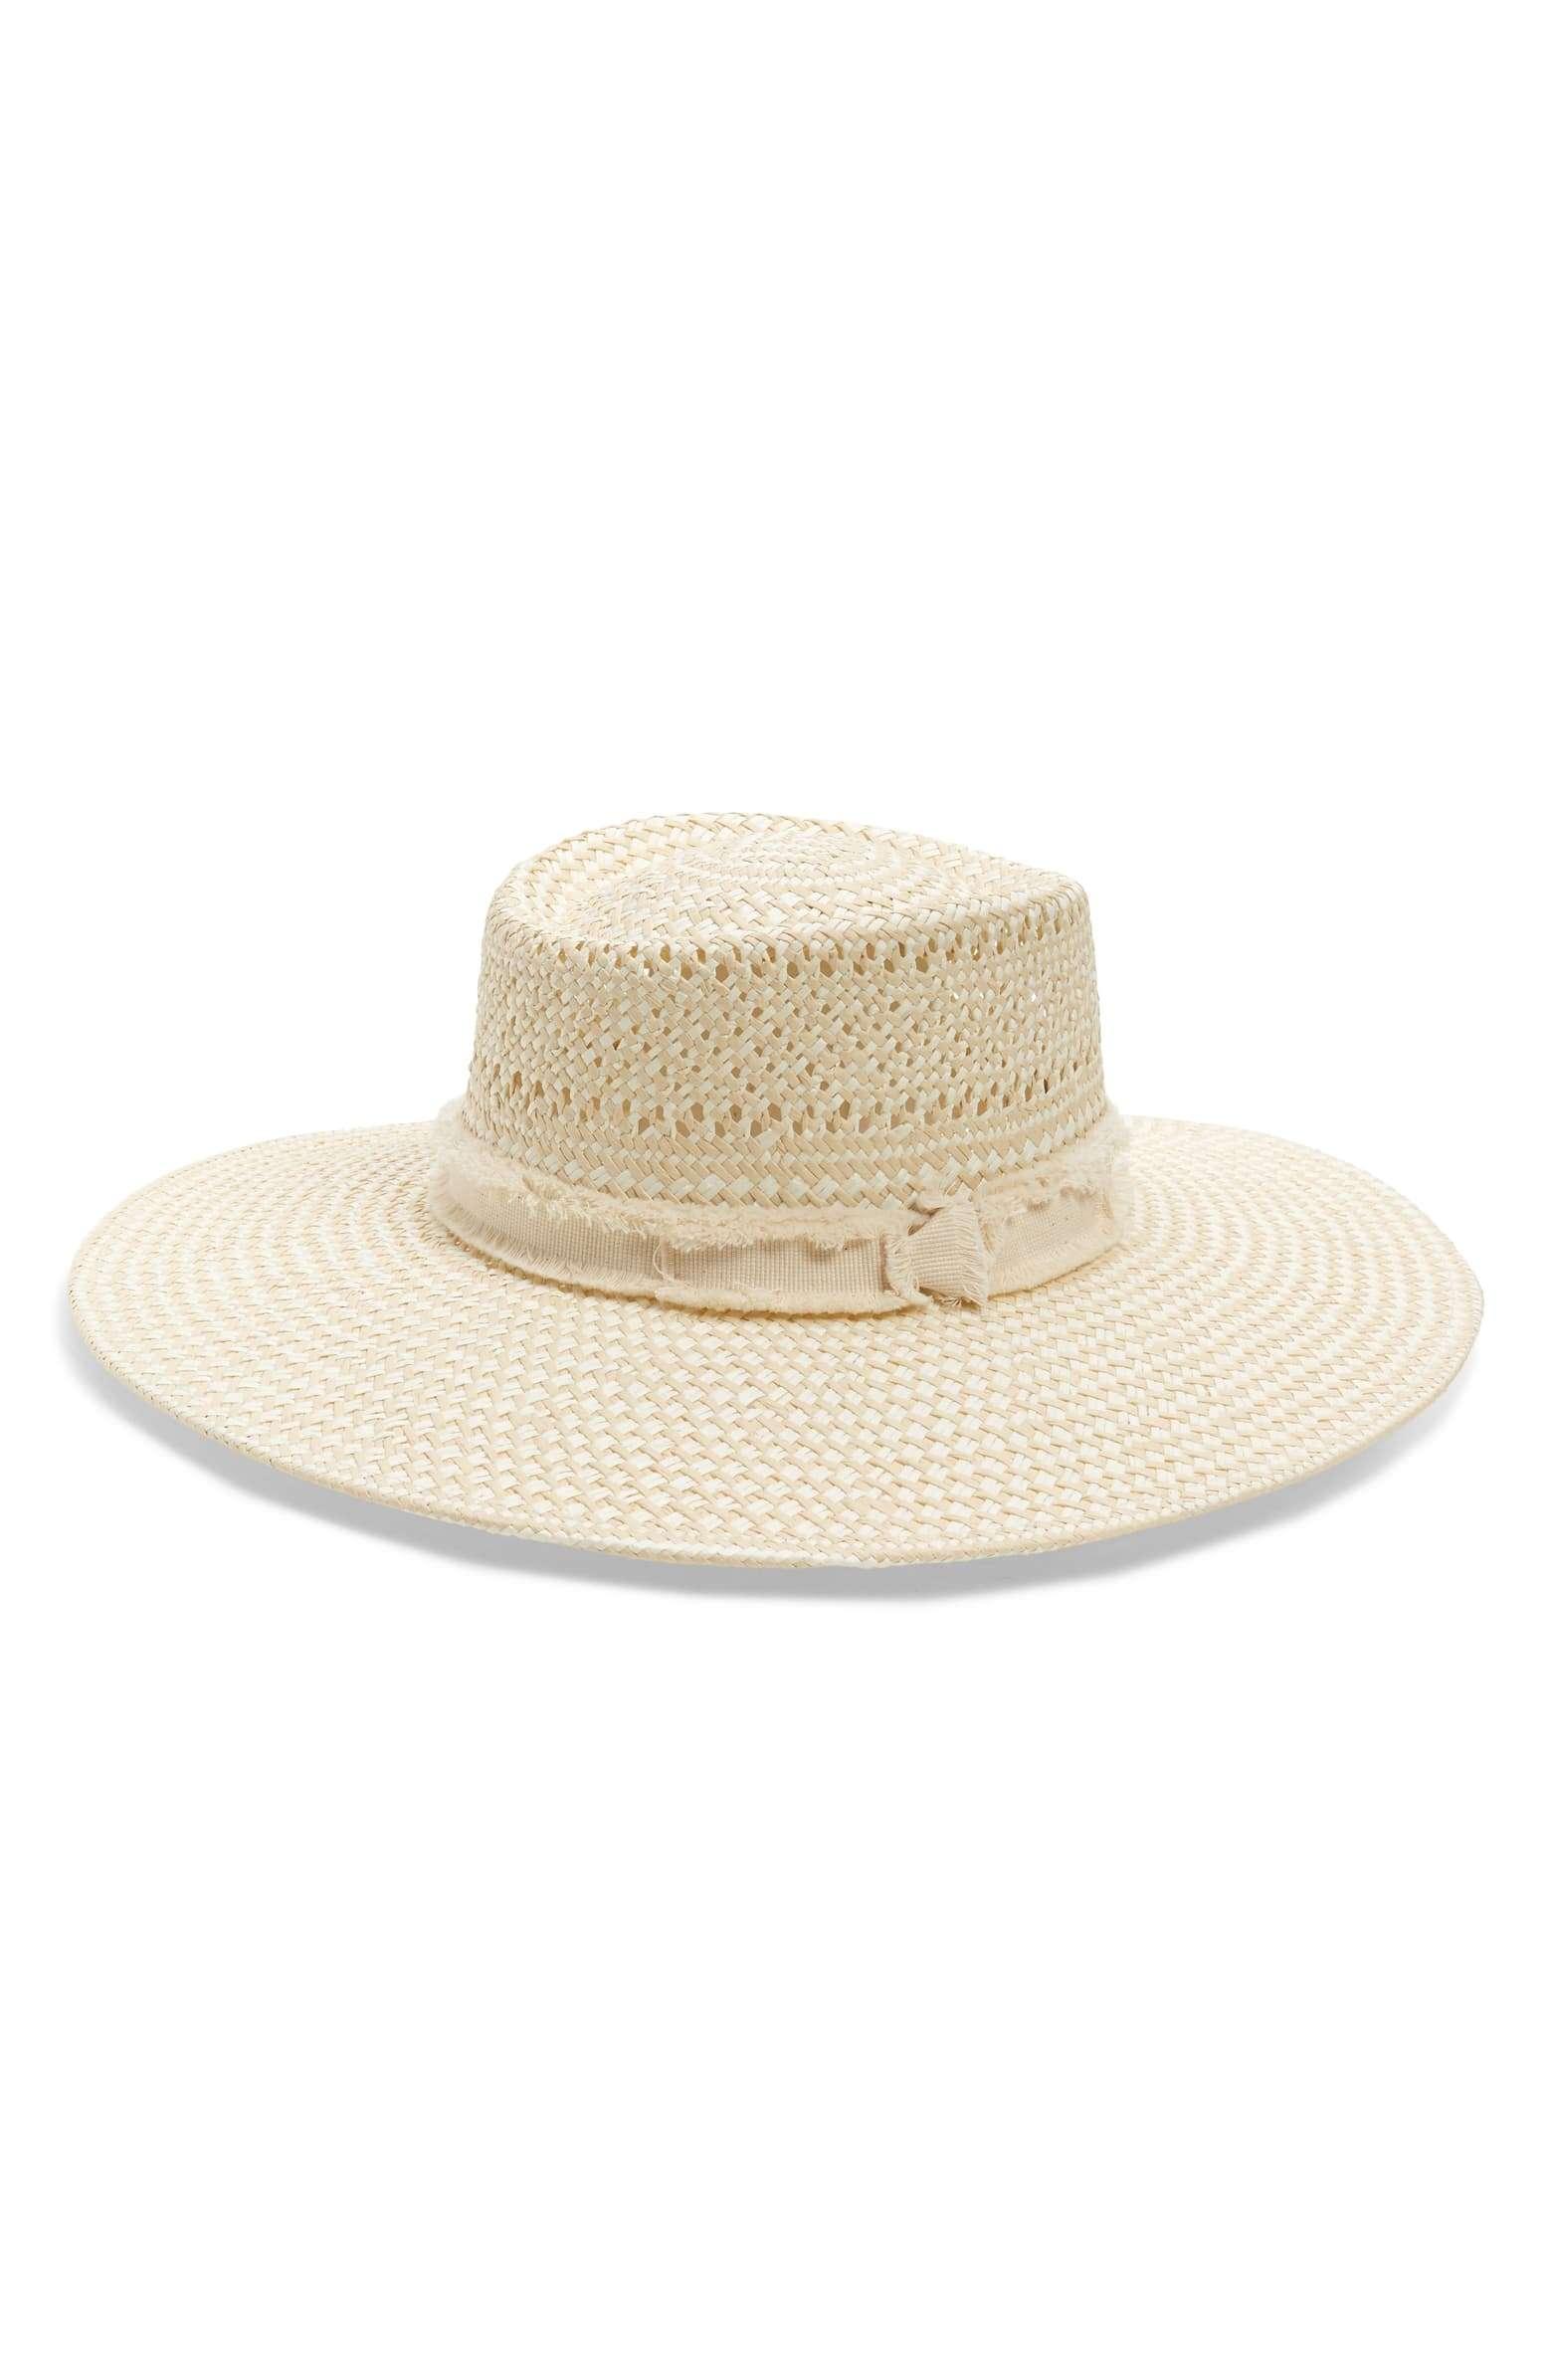 Resort Wear Finds Under $100: Wide Brim Straw Hat | Rhyme & Reason